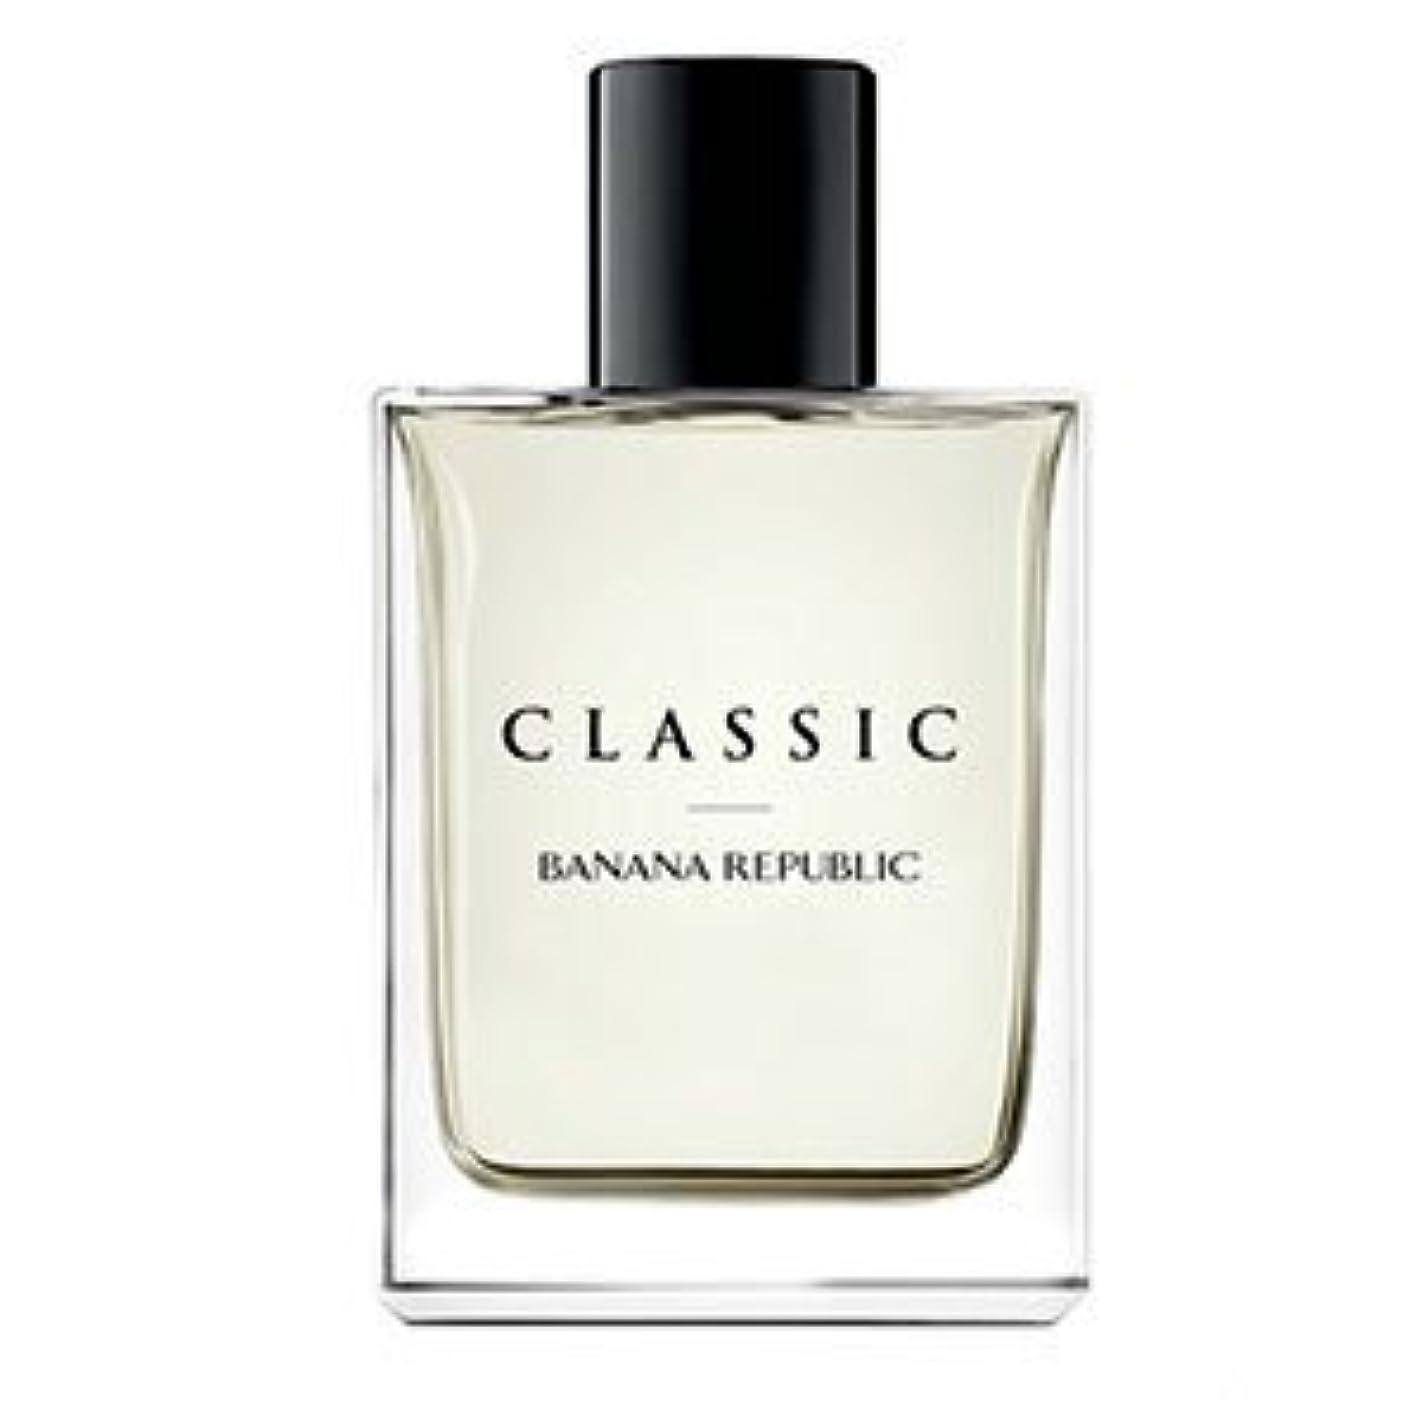 死針ビザバナナリパブリック (BANANAR EP UBLIC) 香水 クラッシック EDT SP 125ml 【並行輸入品】